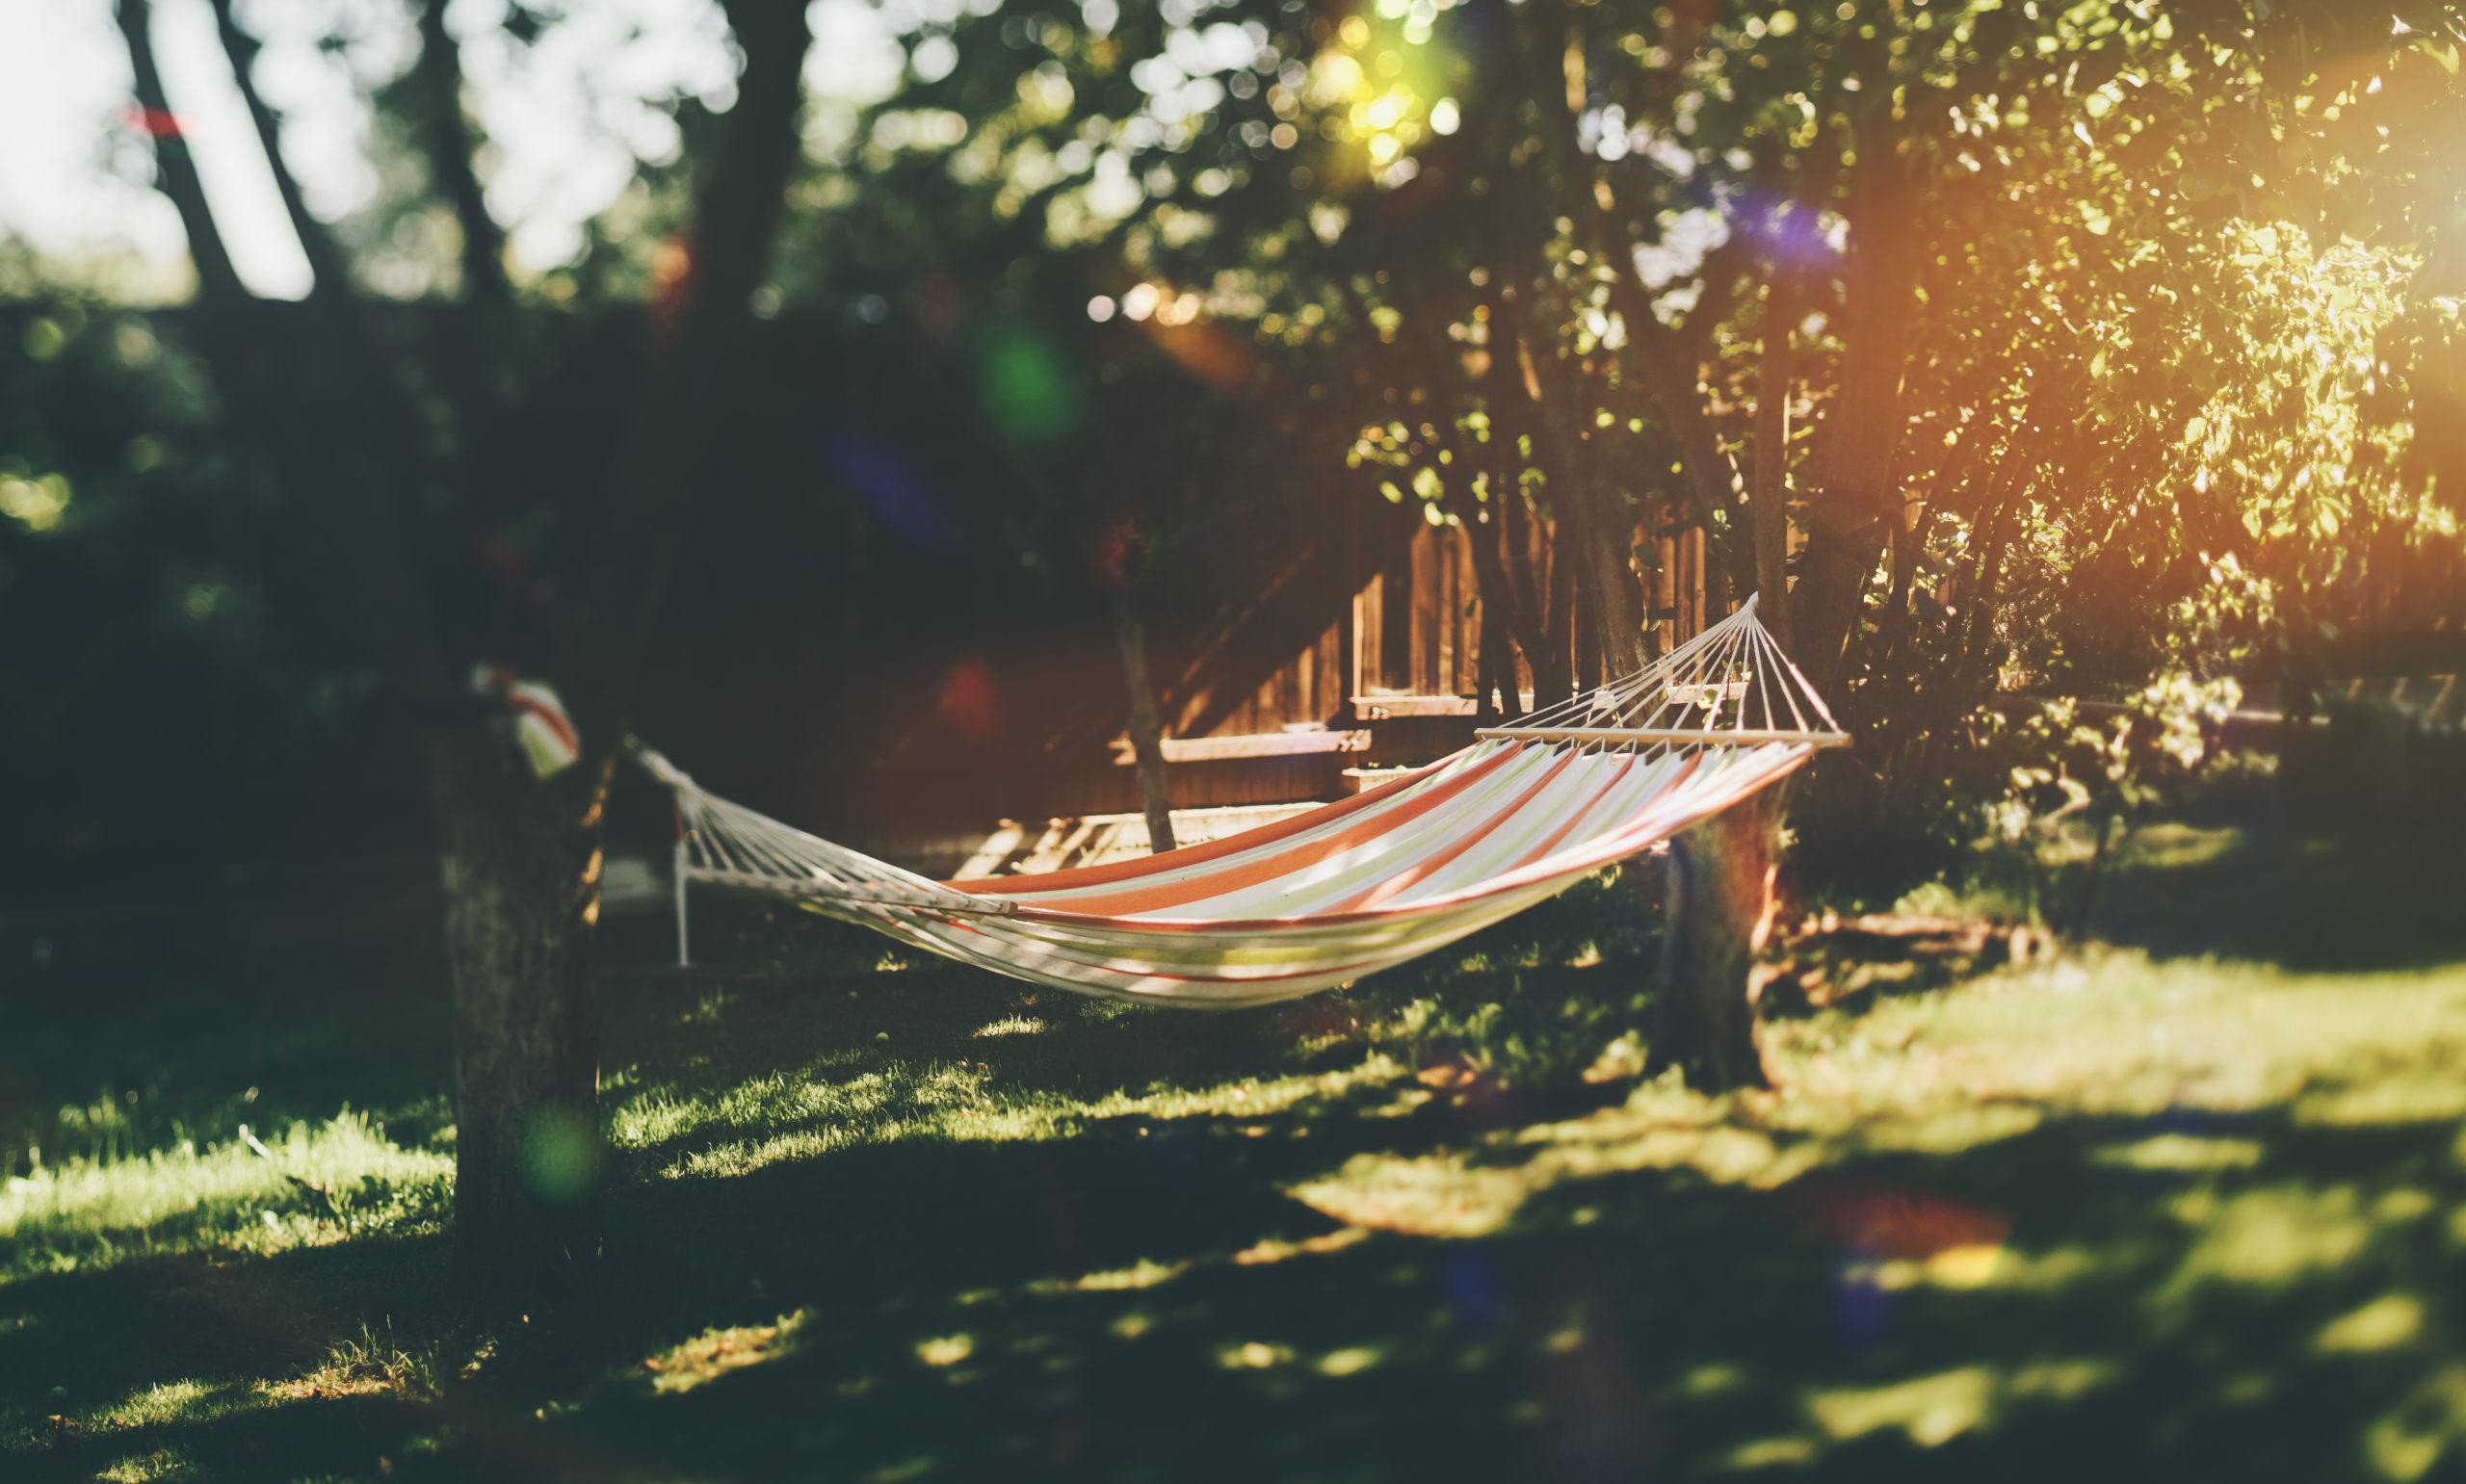 Thuis vakantie vieren: Hangmat in eigen tuin.